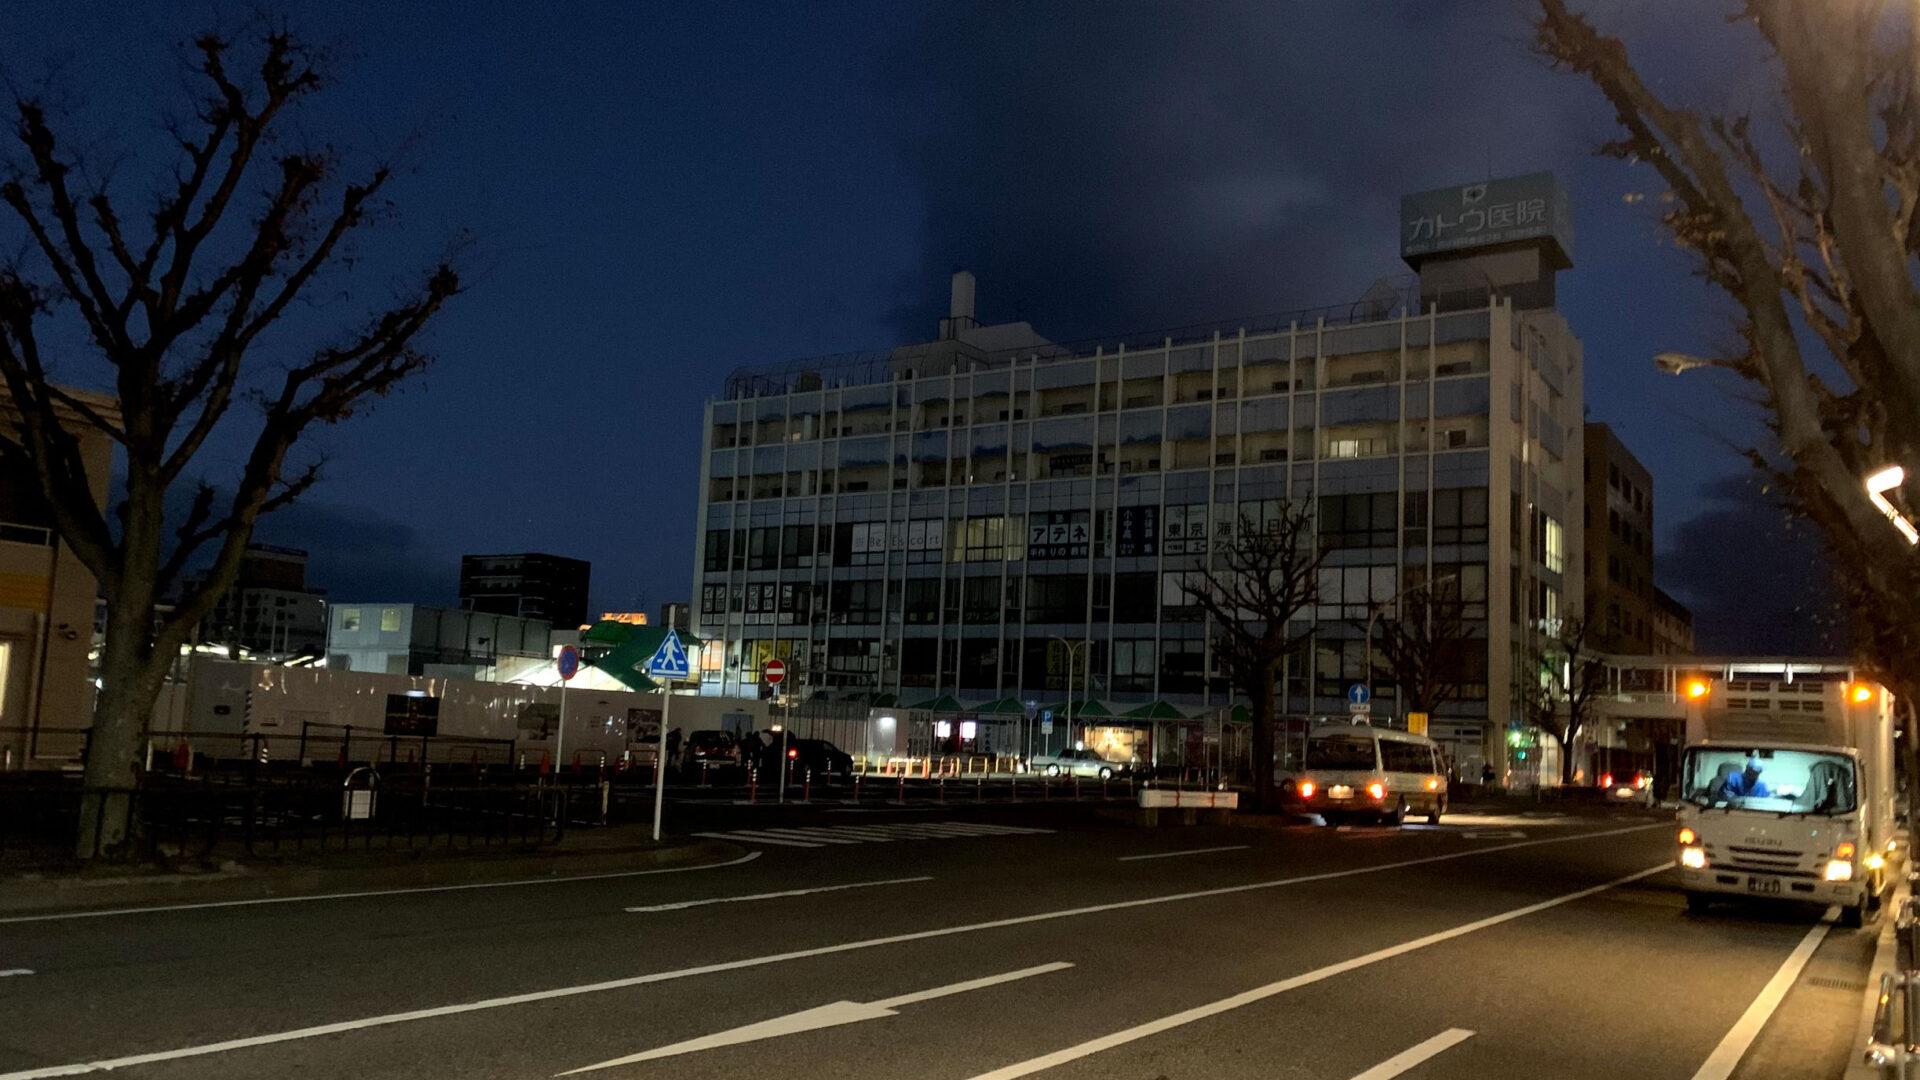 箱根駅伝見たさに早朝よりエネルギー切れ状態での25キロ・ロングジョグでしっかり追い込み